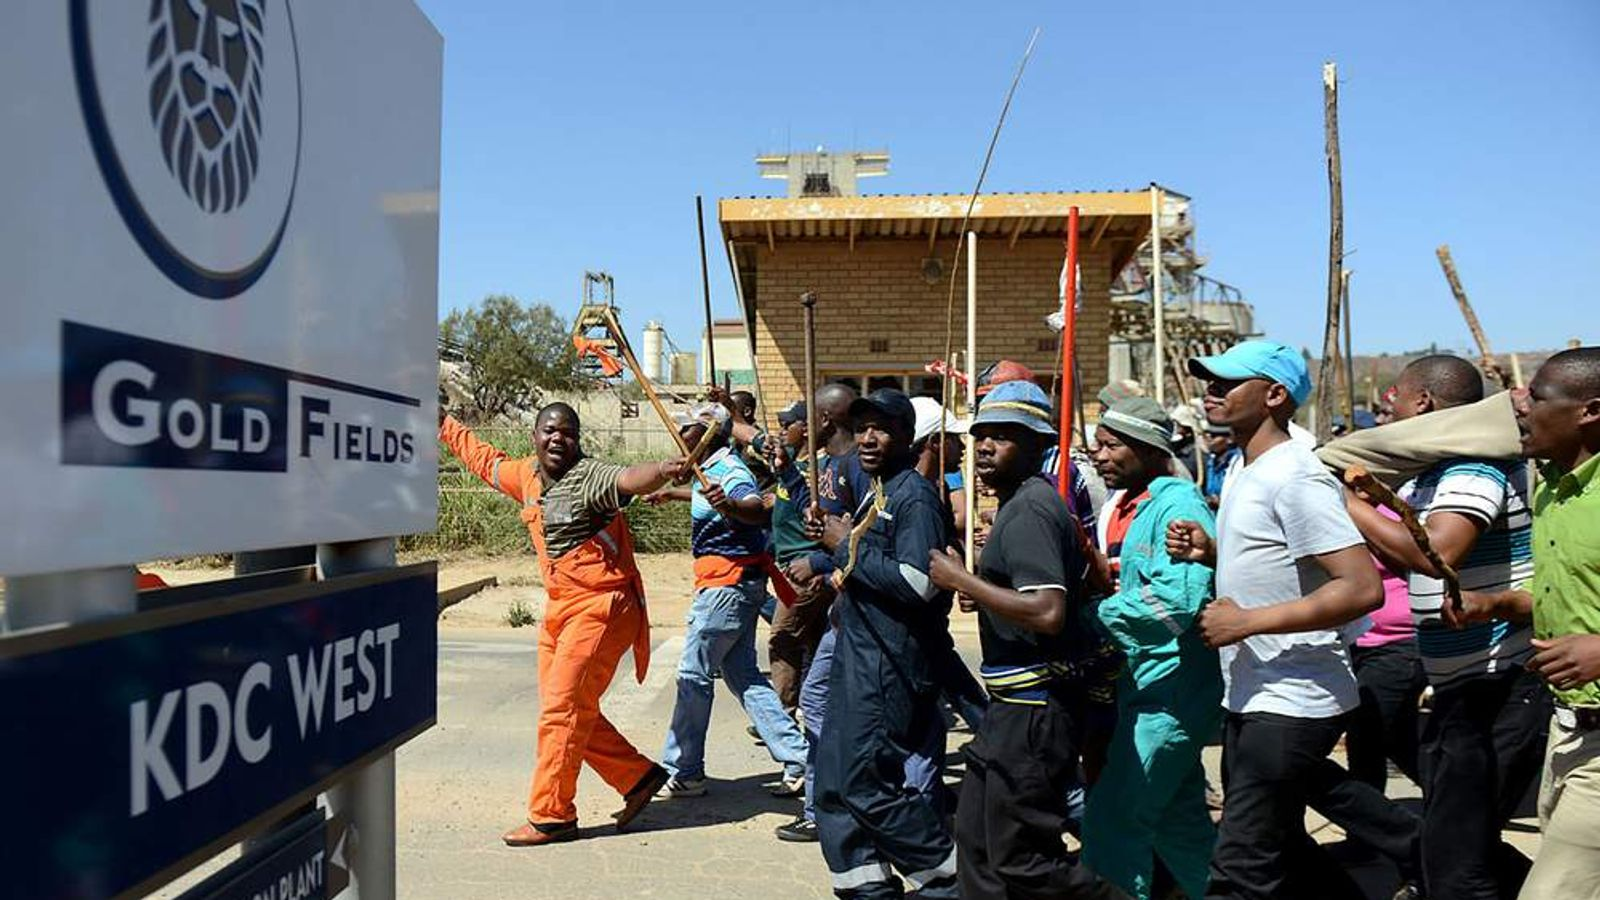 a labor unrest case